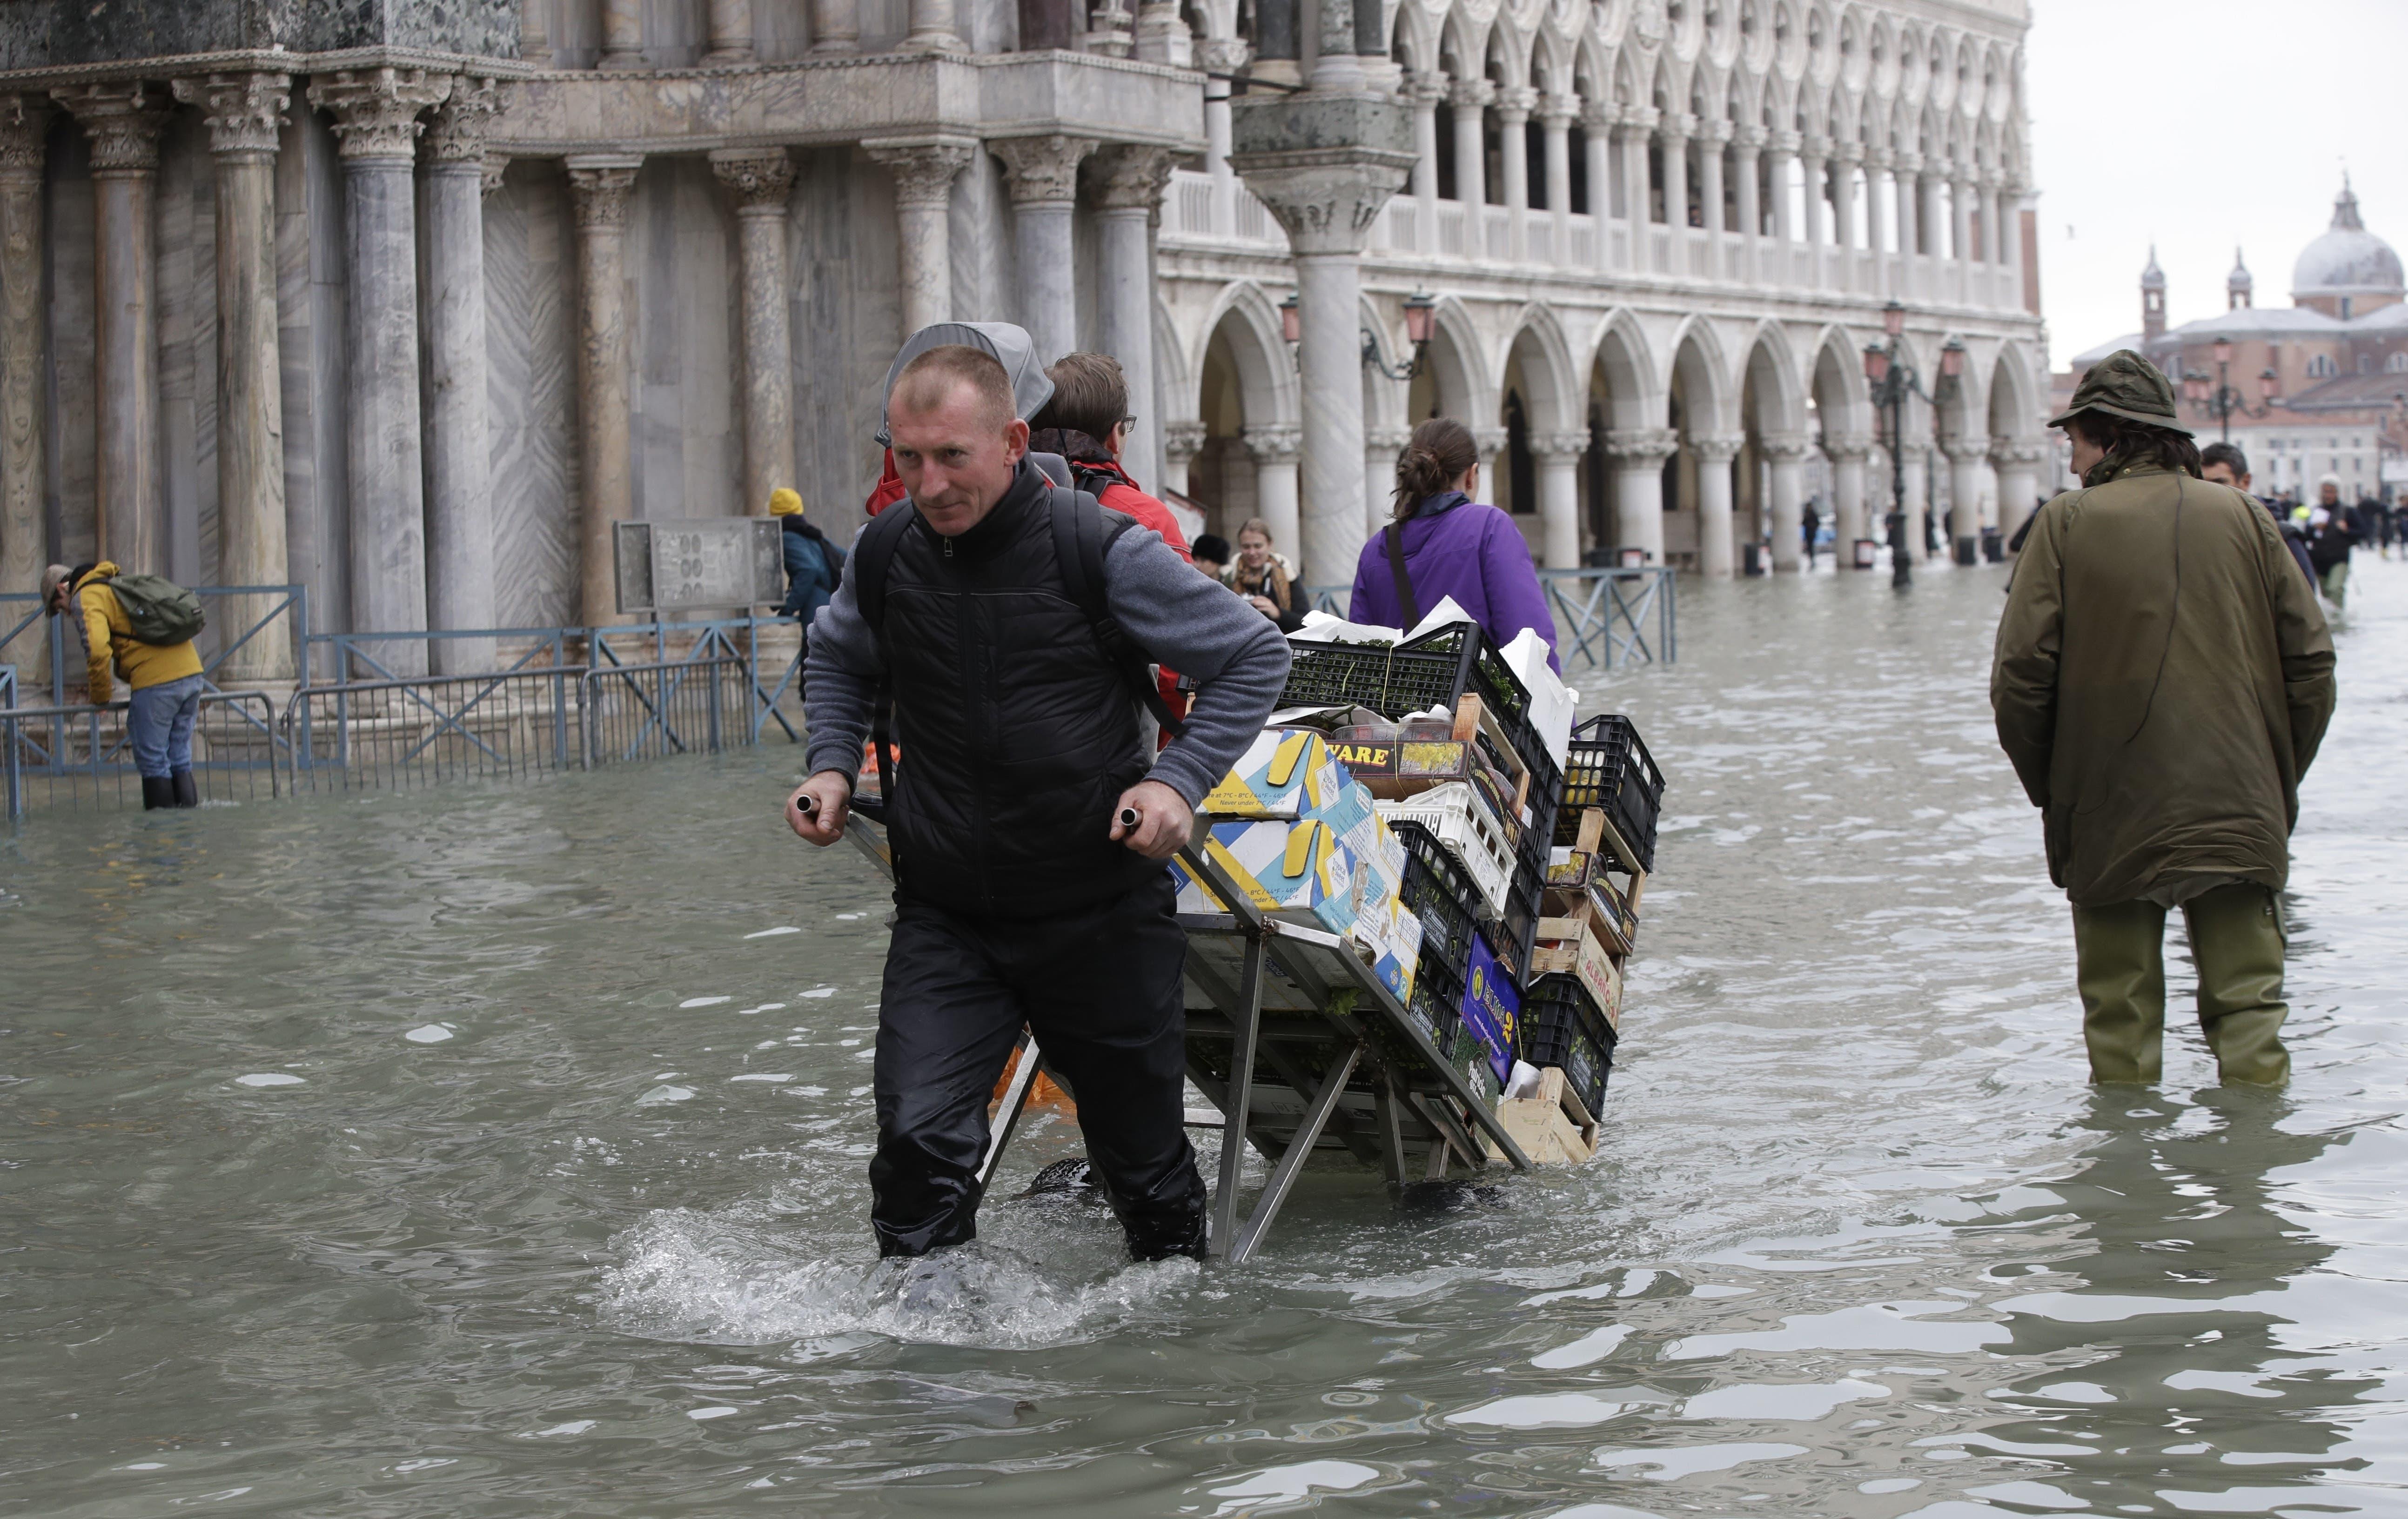 Ein Mann transportiert Lebensmittel. (Bild: AP Photo/Luca Bruno)